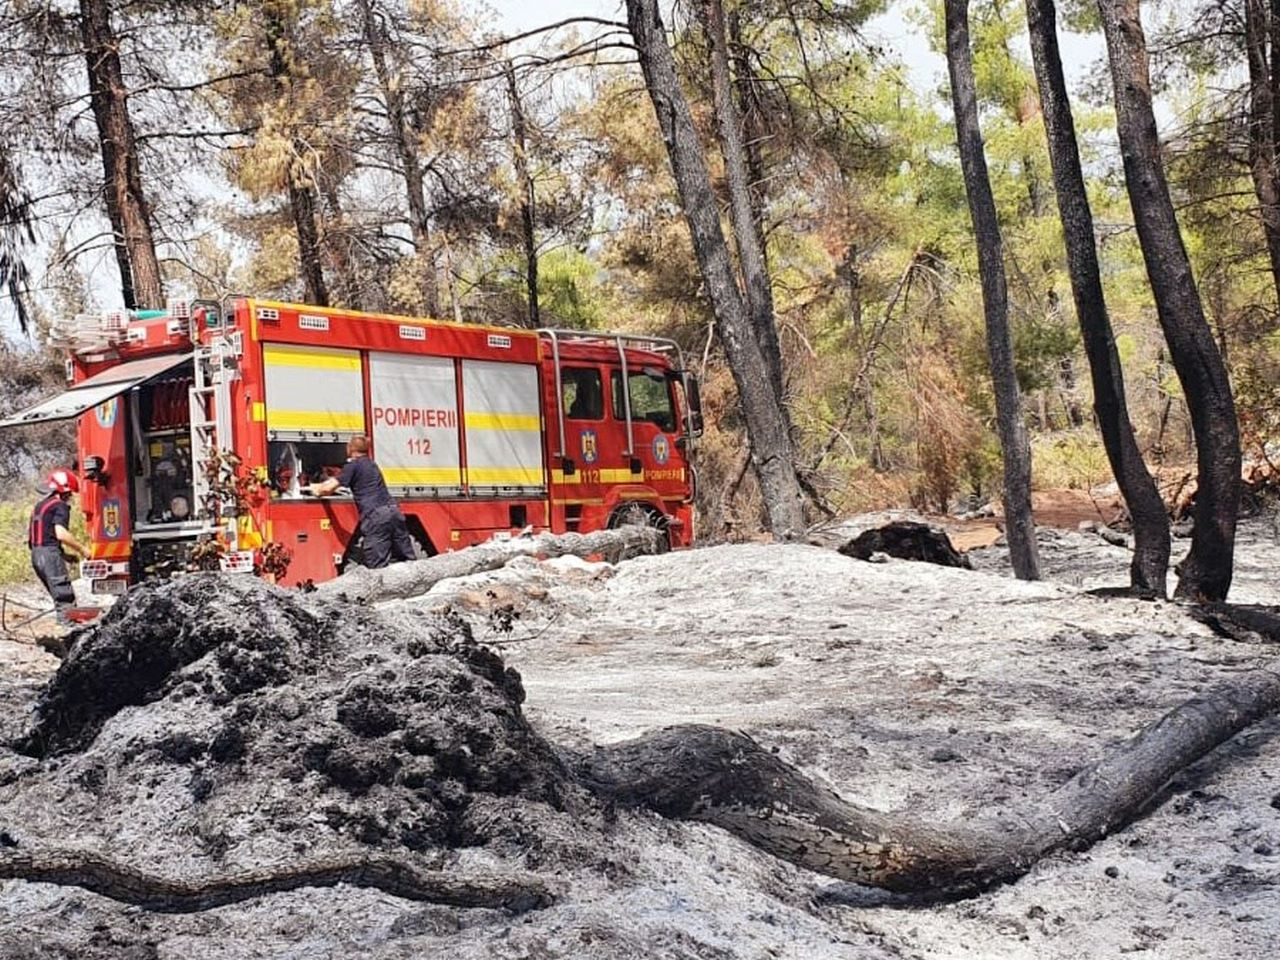 O nouă zi, o nouă intervenție masivă a pompierilor români aflați în Grecia